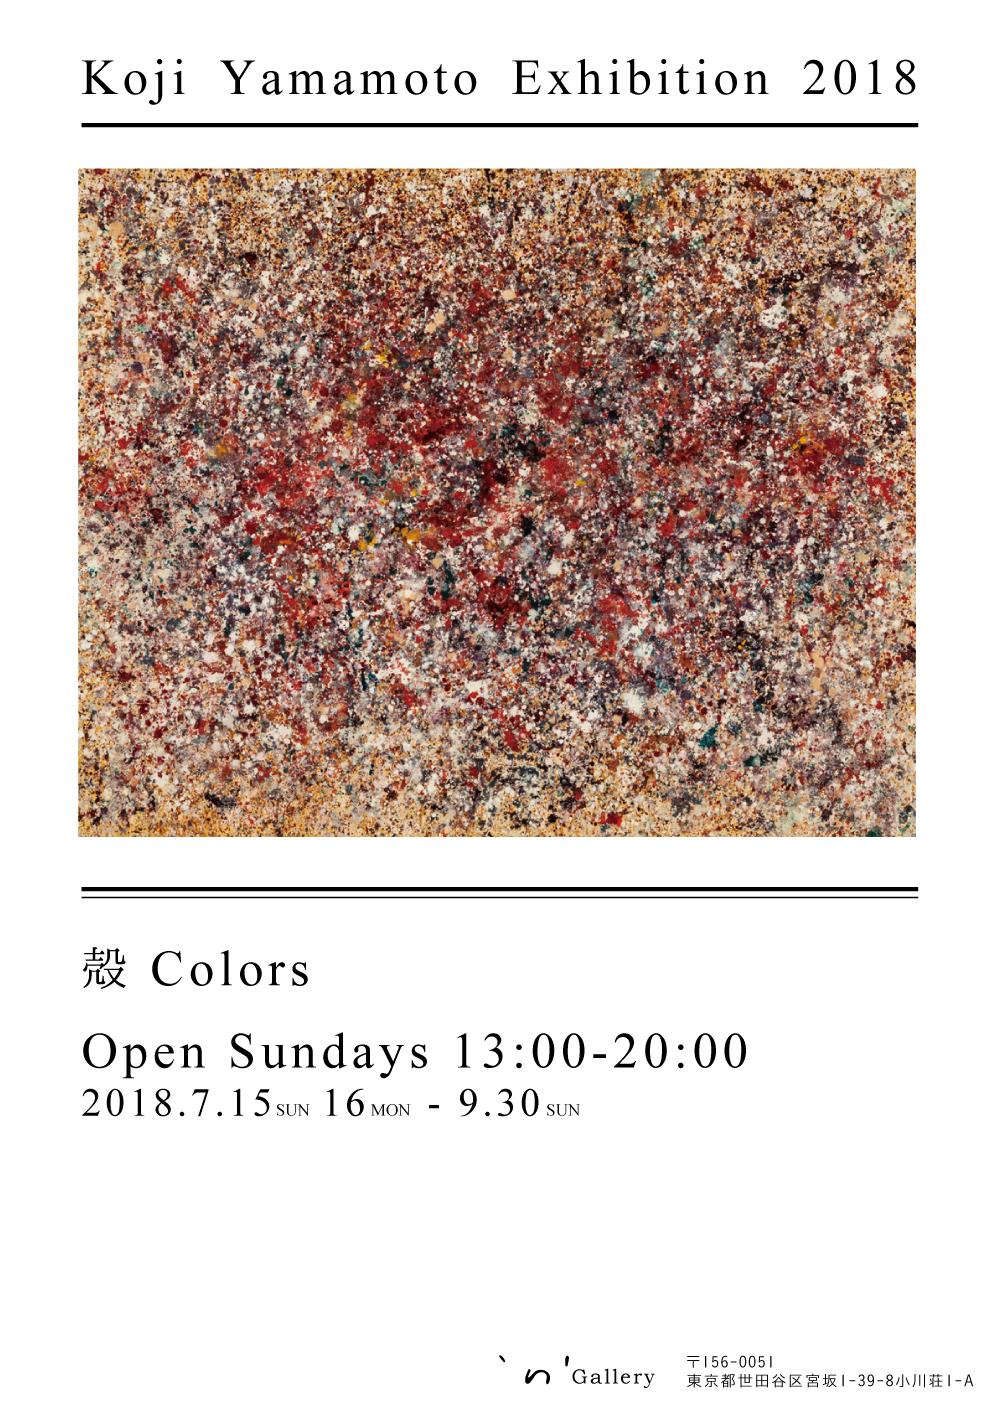 個展2018「殻 Colors」開催のお知らせ